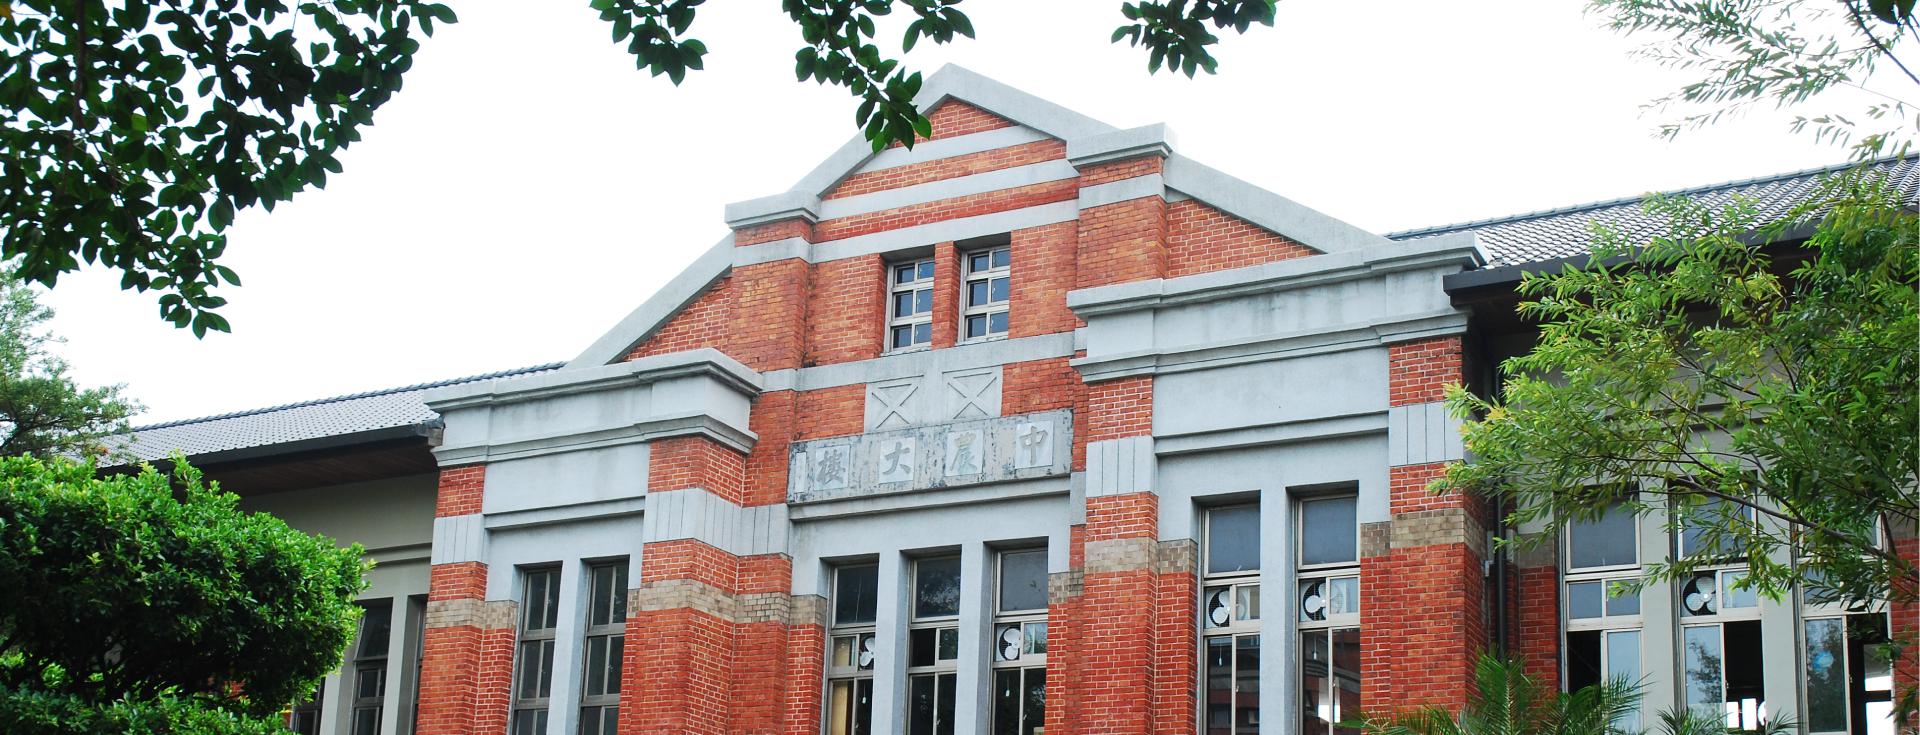 台中高農前棟大樓(舊稱:第二中學校)01正立面近照